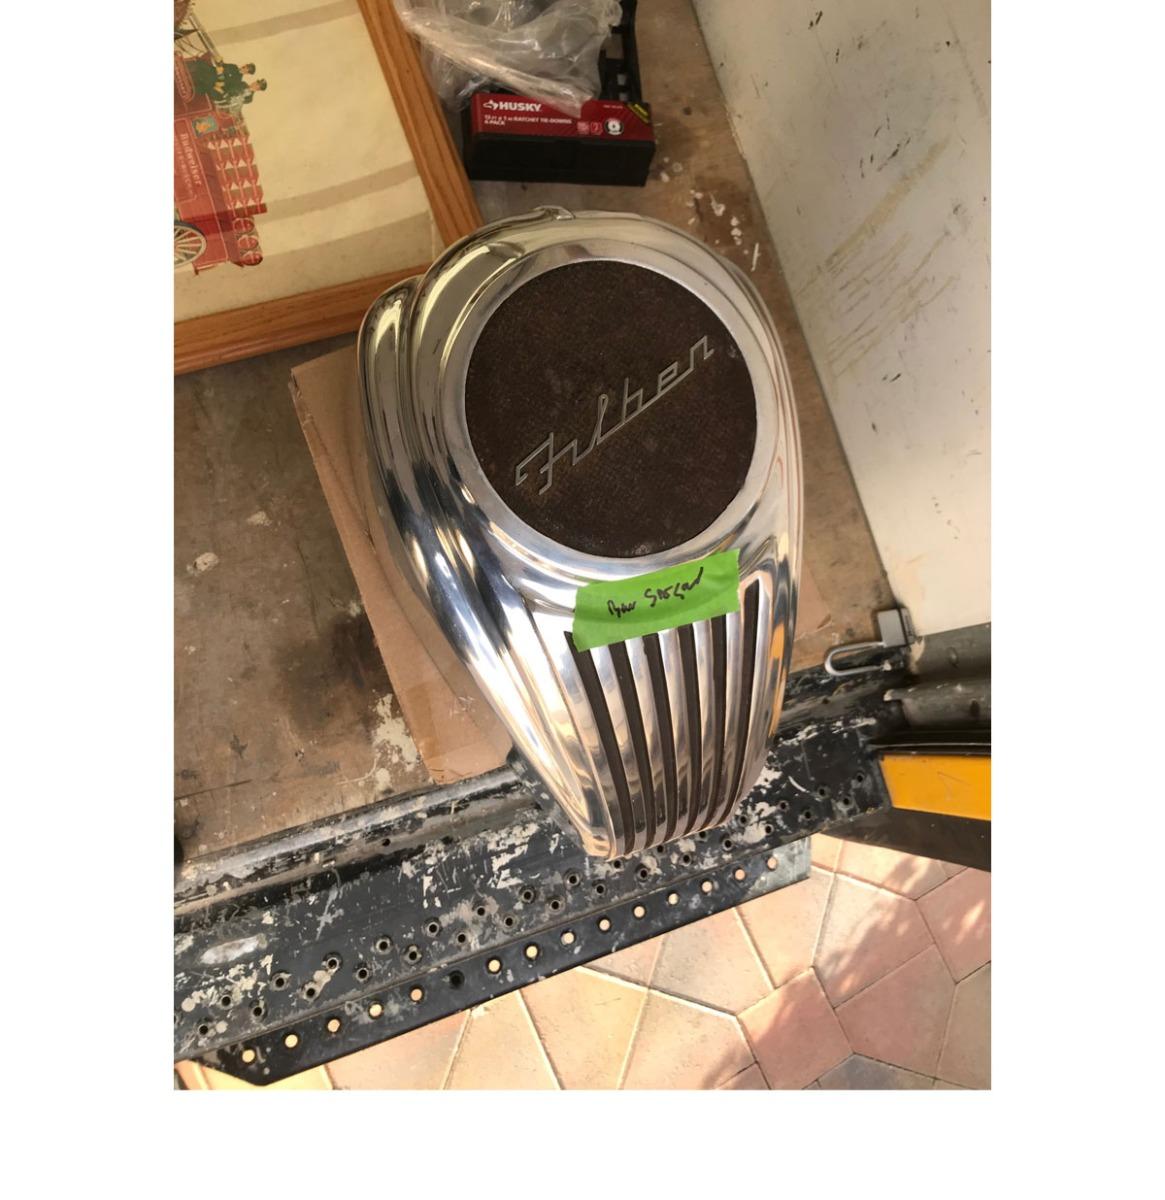 Filben Jukebox Speaker - Origineel